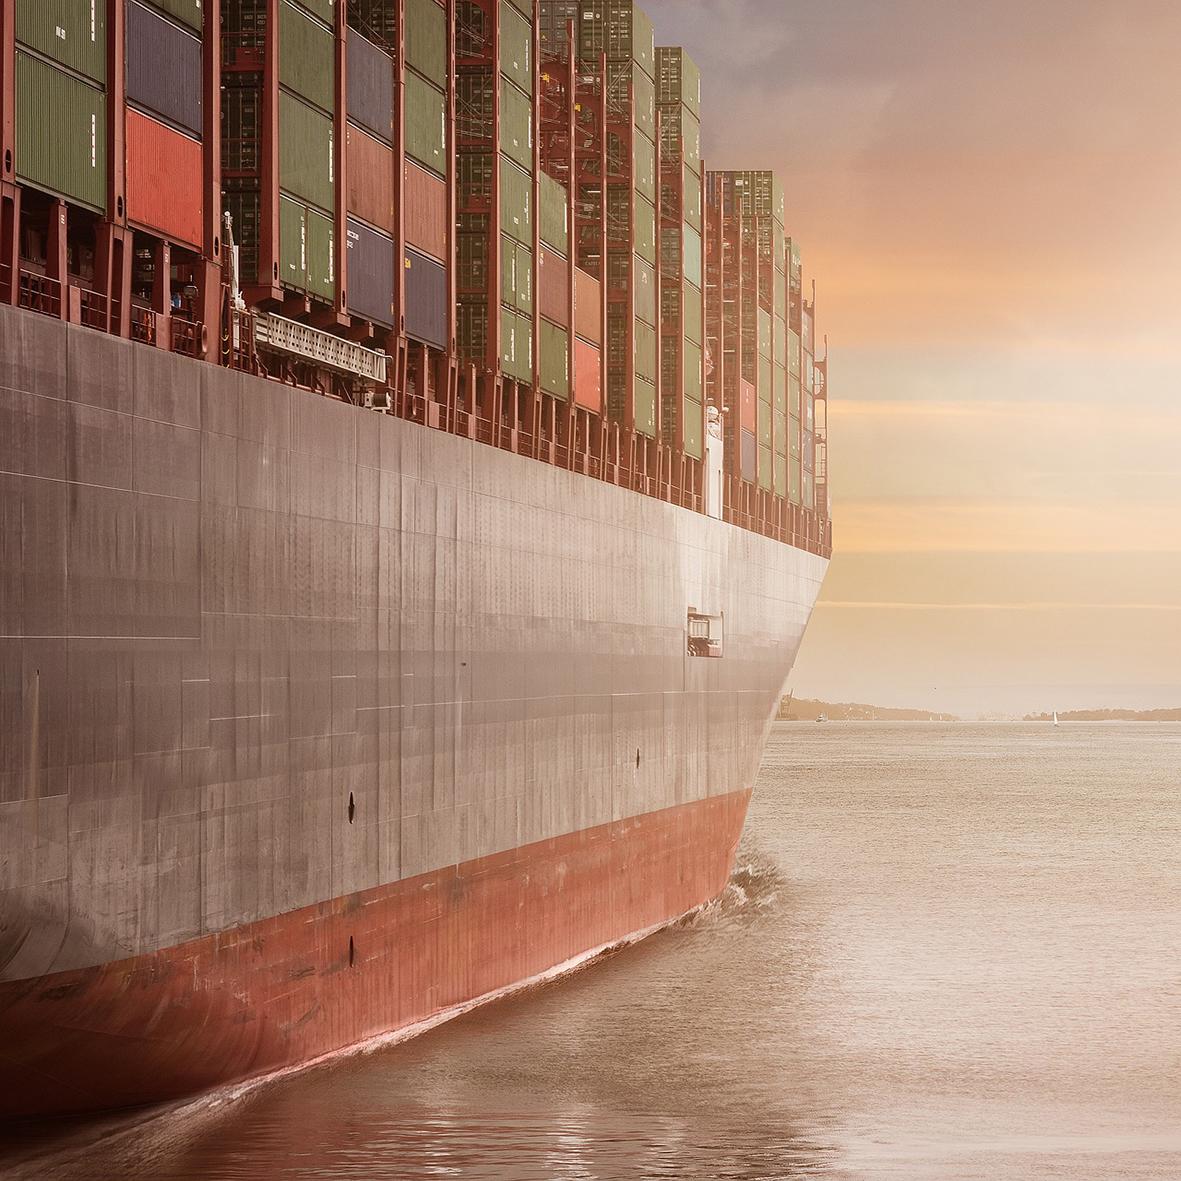 Maritiem recht - Zowel in privaat maritiem recht (zeevervoer, scheepsbeslag,...) als in publiek maritiem recht (olievervuilingen, strafrechtelijke bepalingen,...) zijn wij thuis.